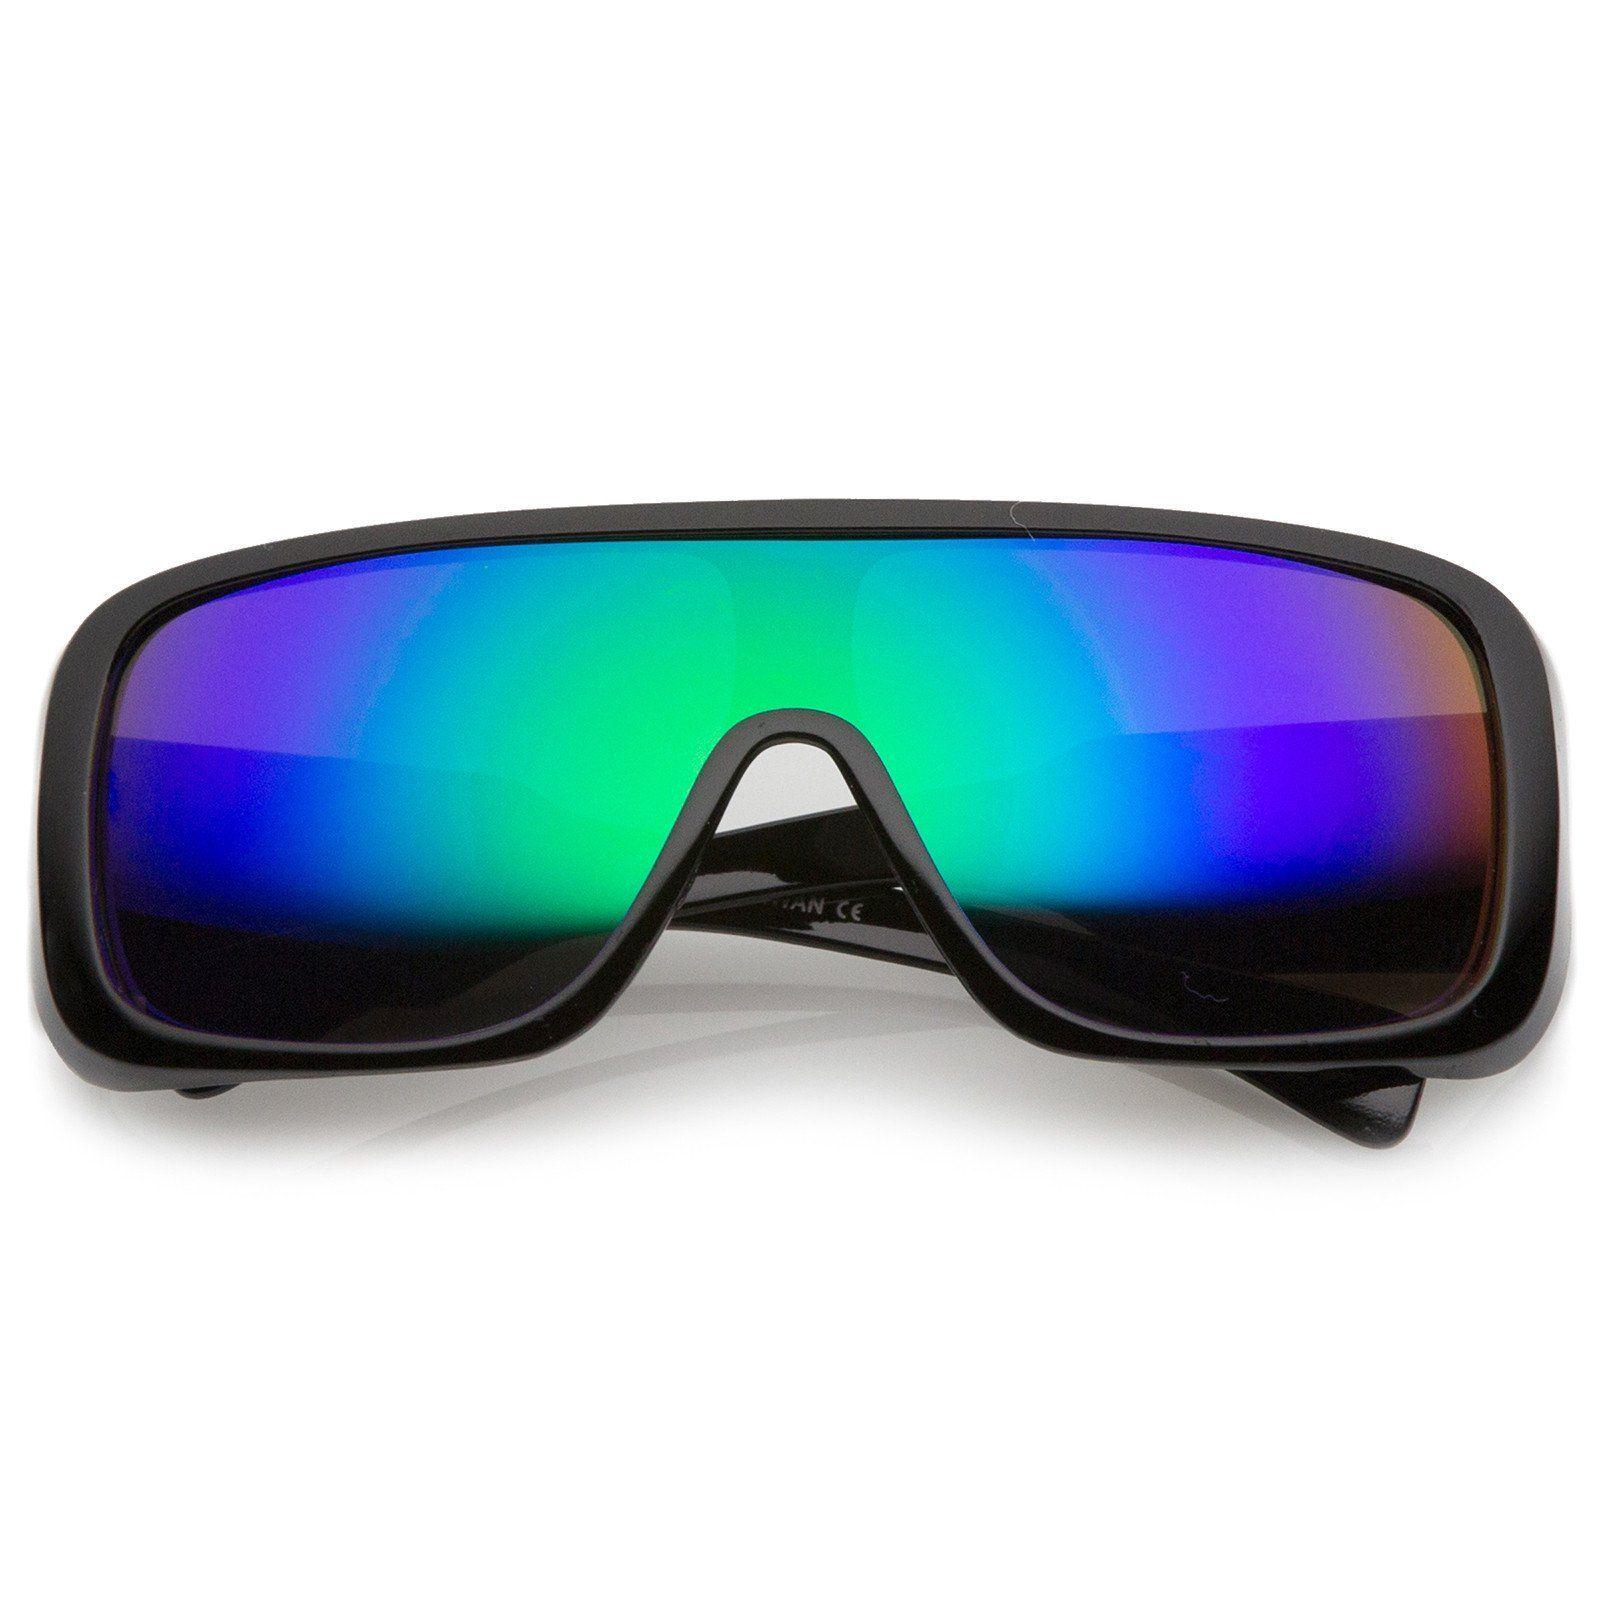 Menus oversize goggle colored mirror mono lens shield sunglasses